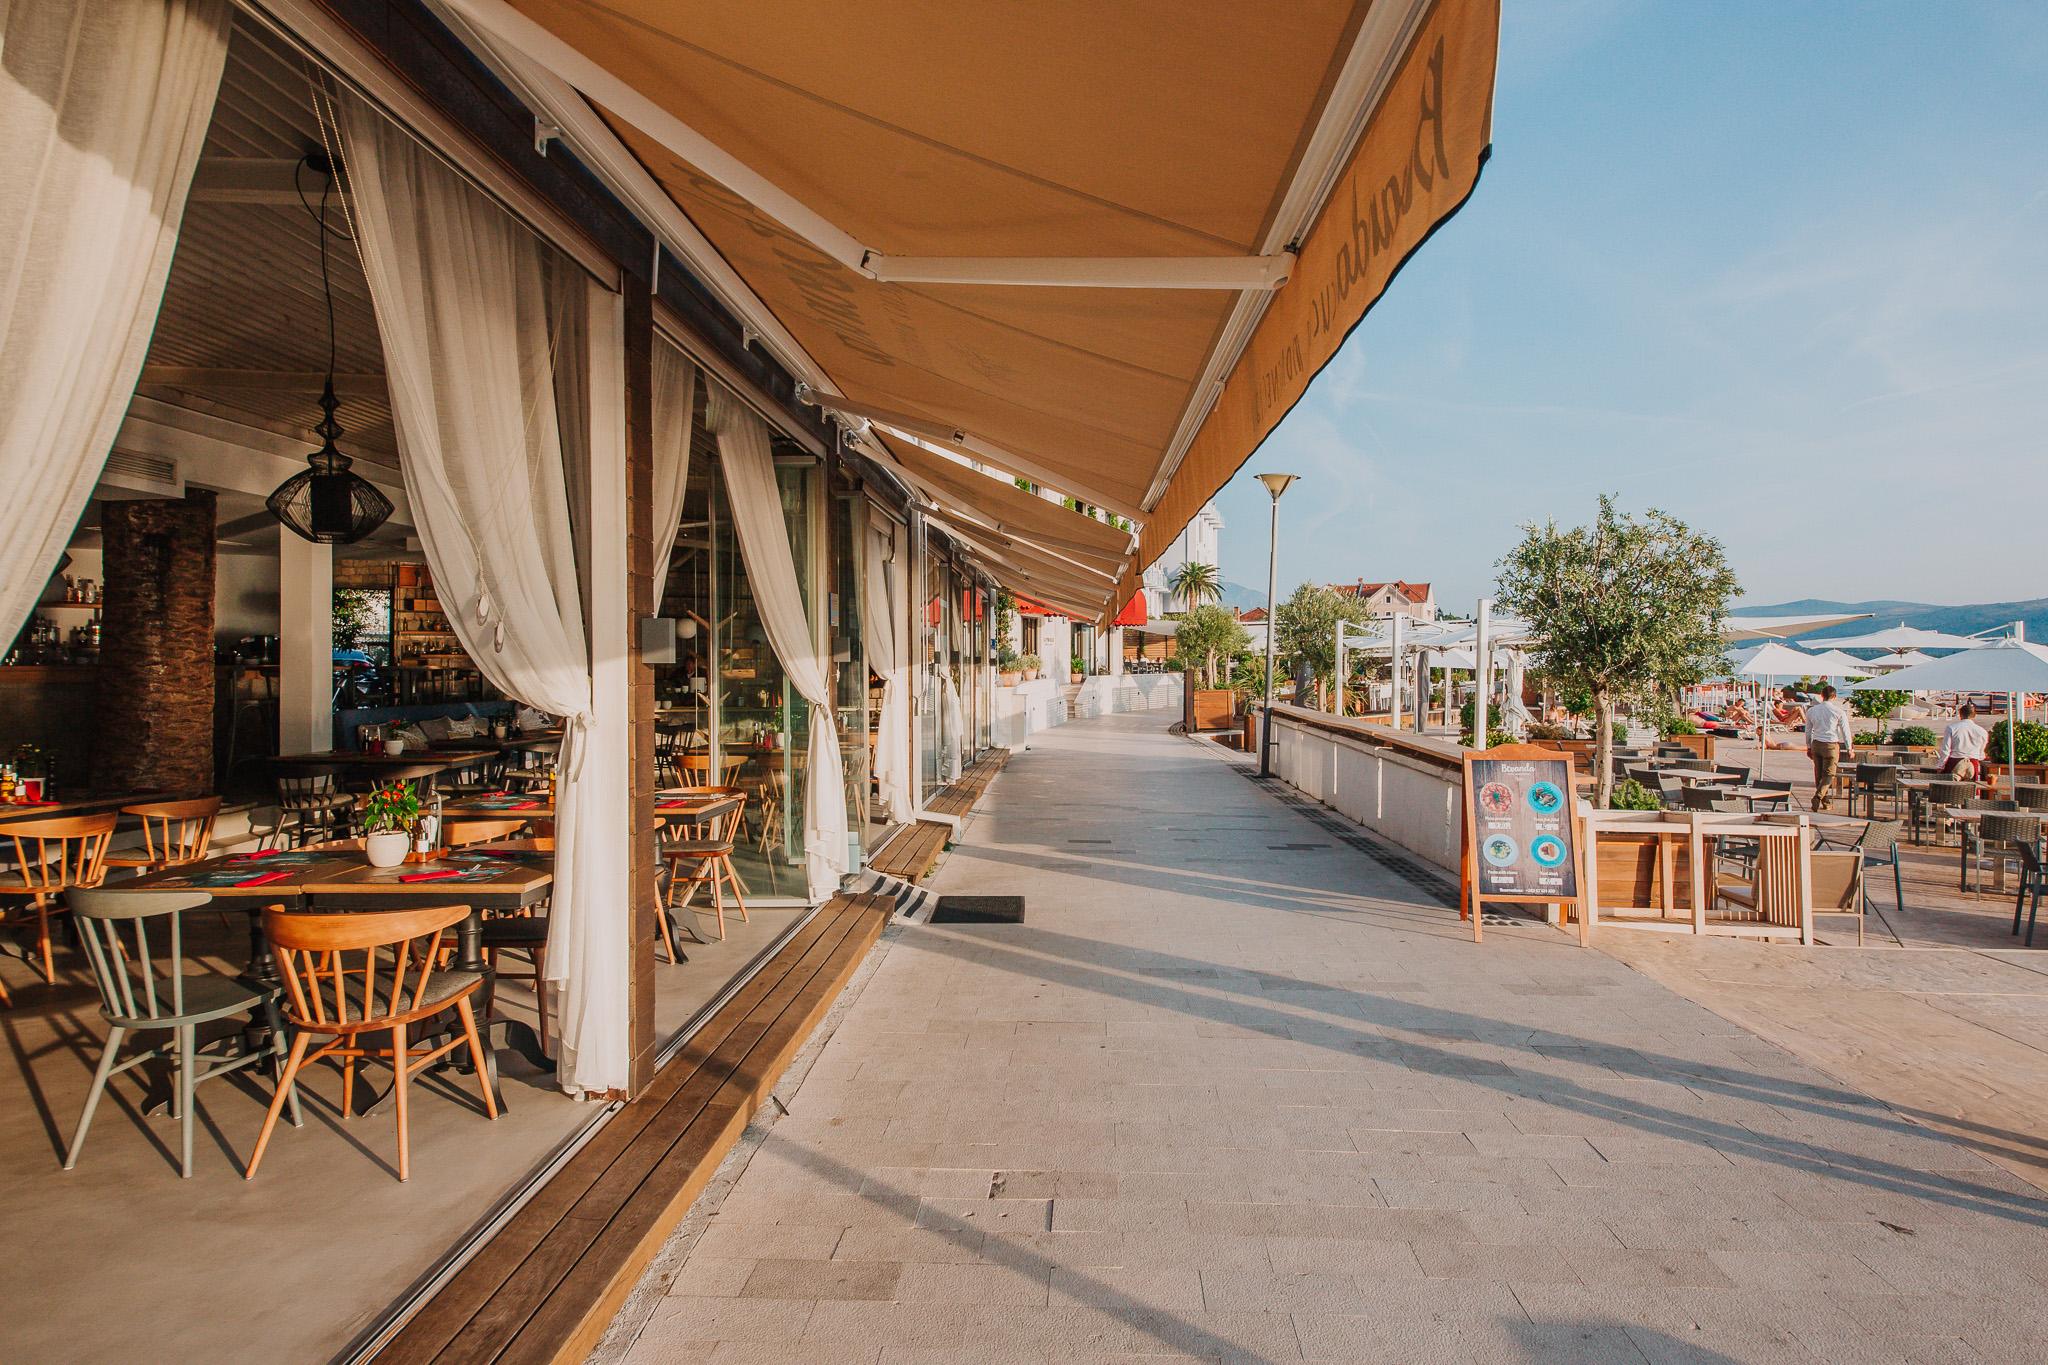 Fotografija restorana Bevanda Tivat, spolja sa pogledom na terasu pored mora.